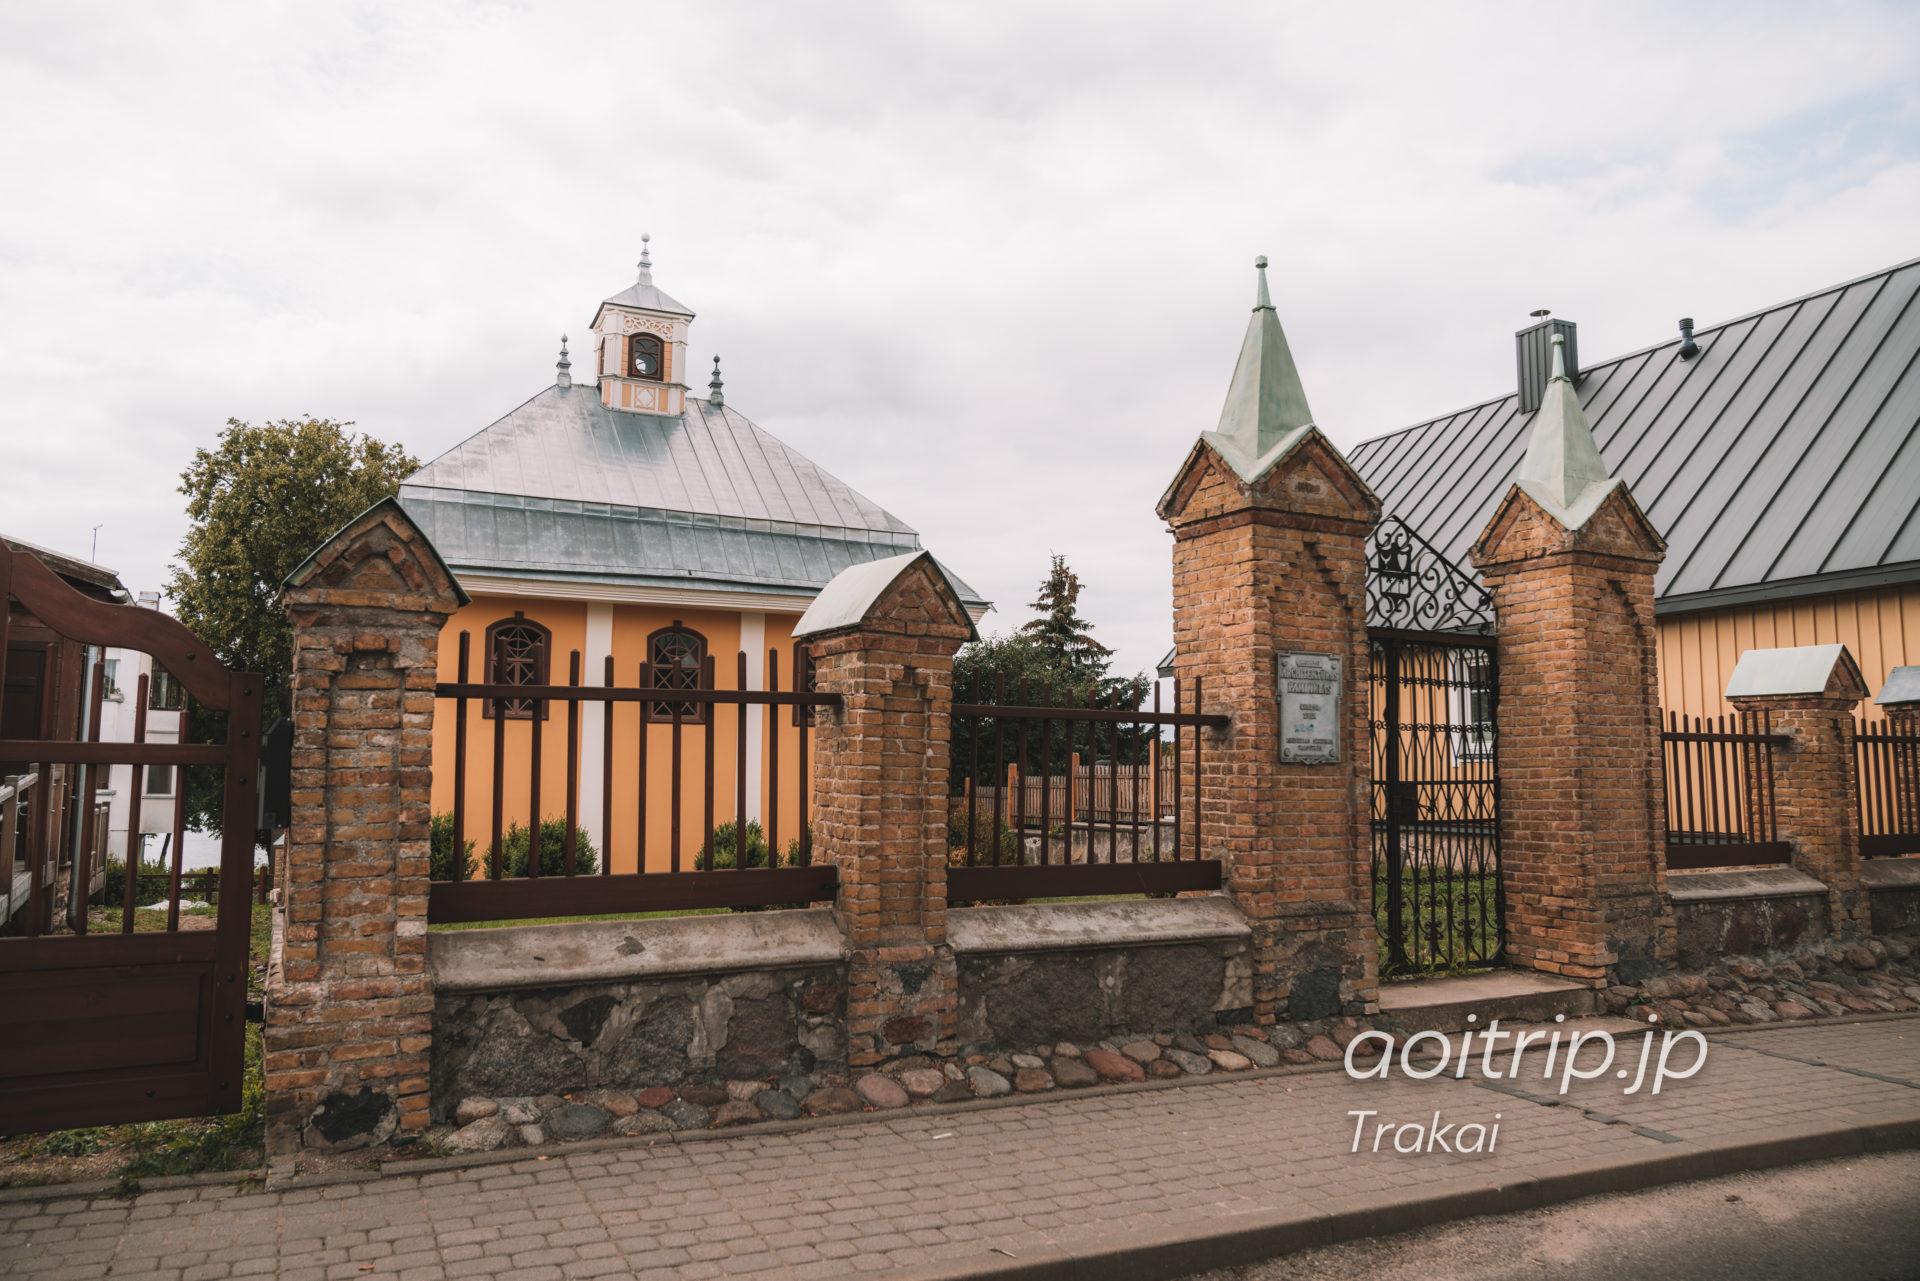 The Karaim House of Worship